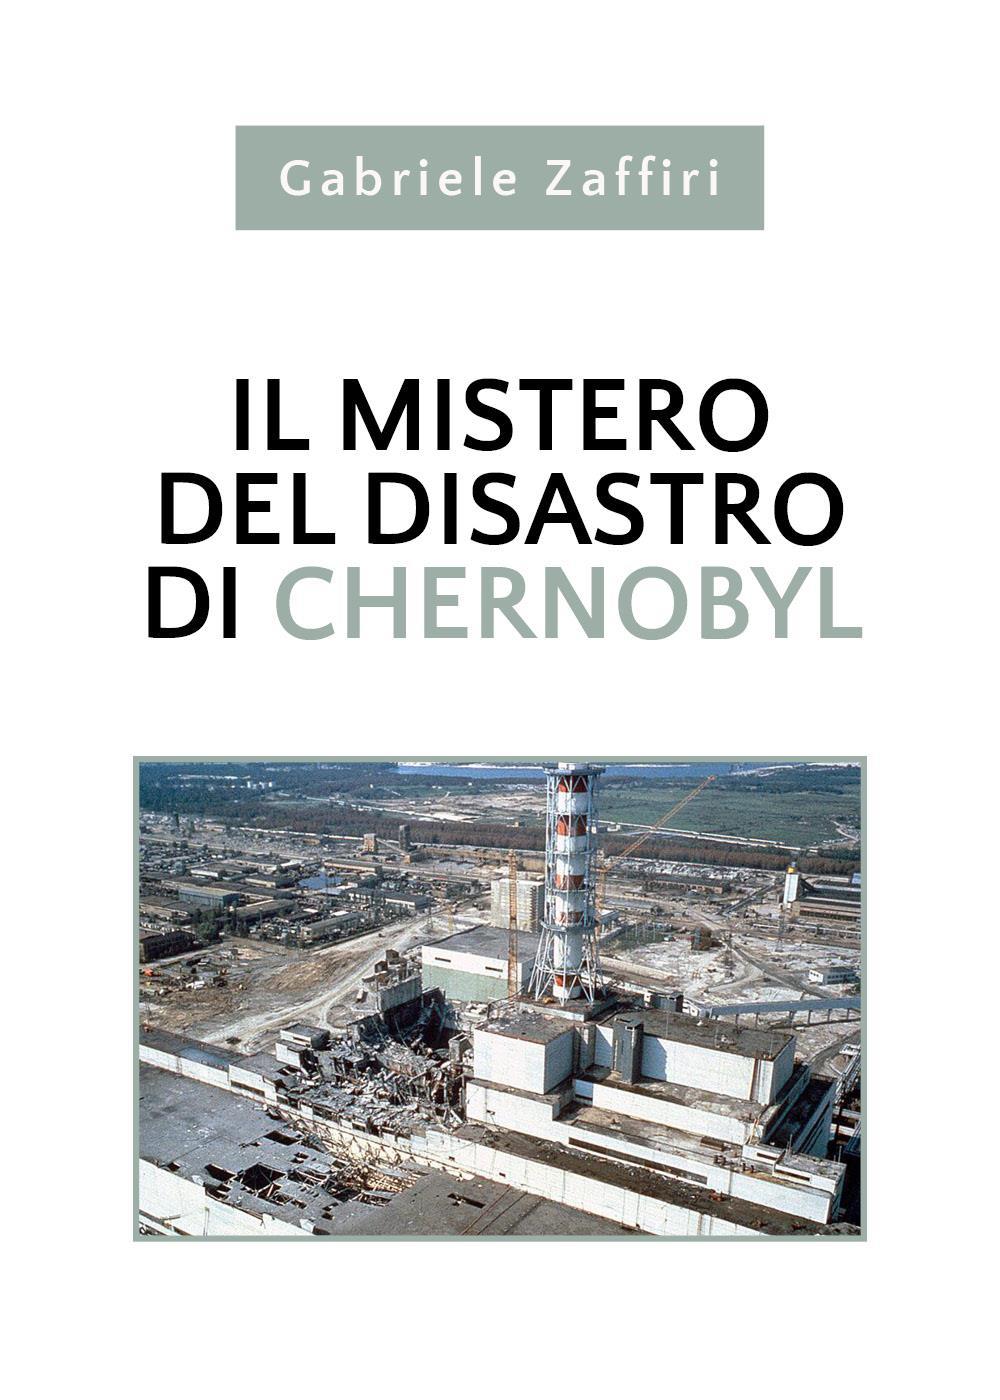 Il mistero del disastro di Chernobyl